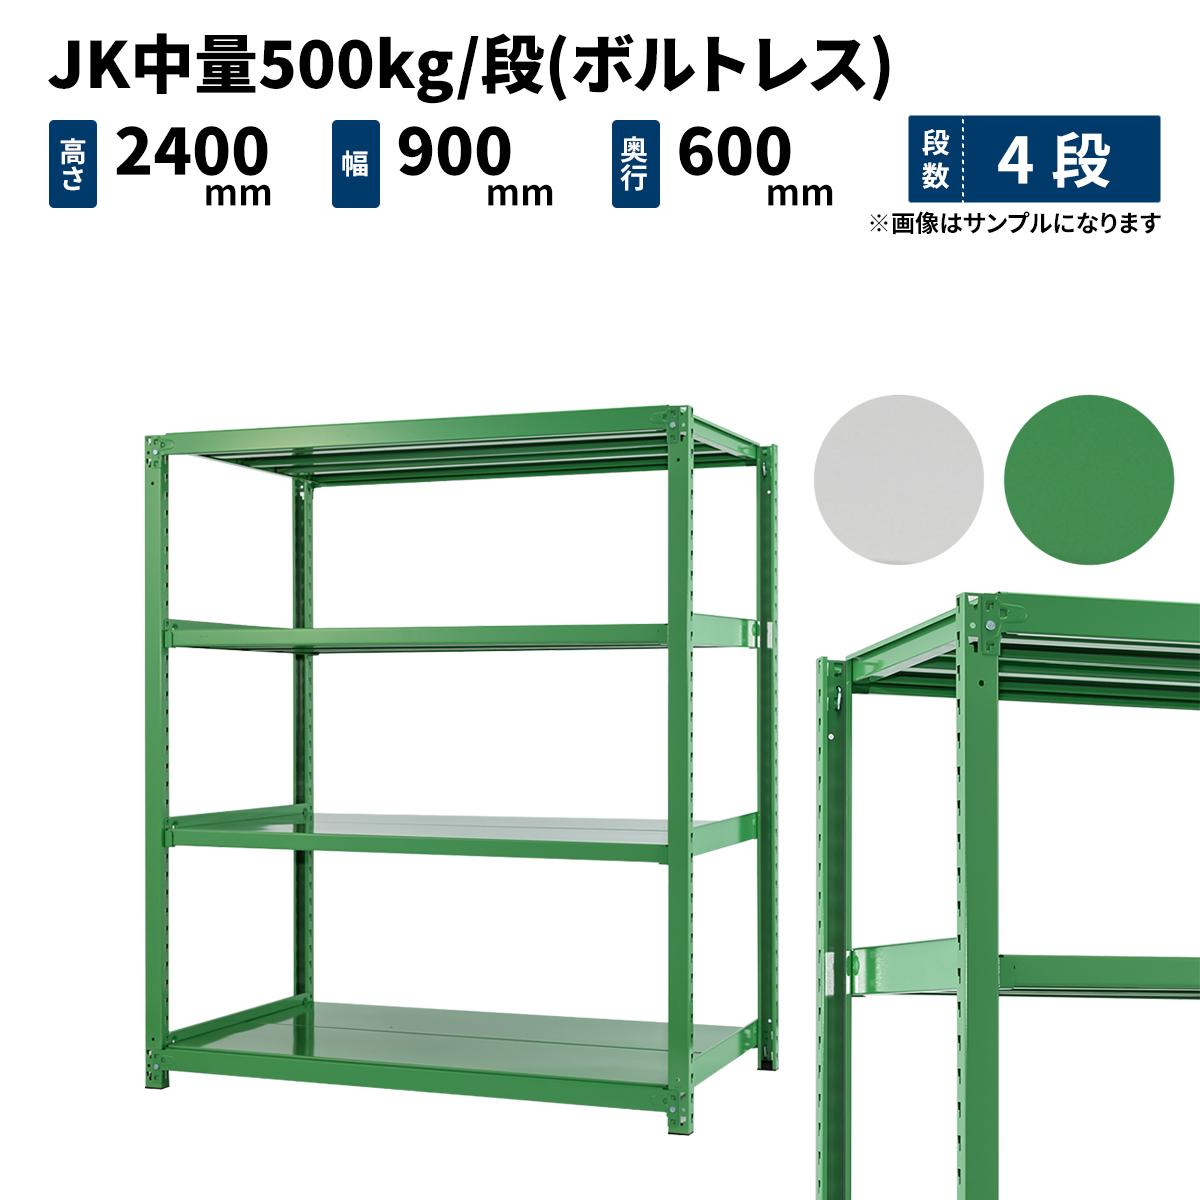 スチールラック 業務用 JK中量500kg/段(ボルトレス) 単体形式 高さ2400×幅900×奥行600mm 4段 ホワイトグレー/グリーン (61kg) JK500_T-240906-4